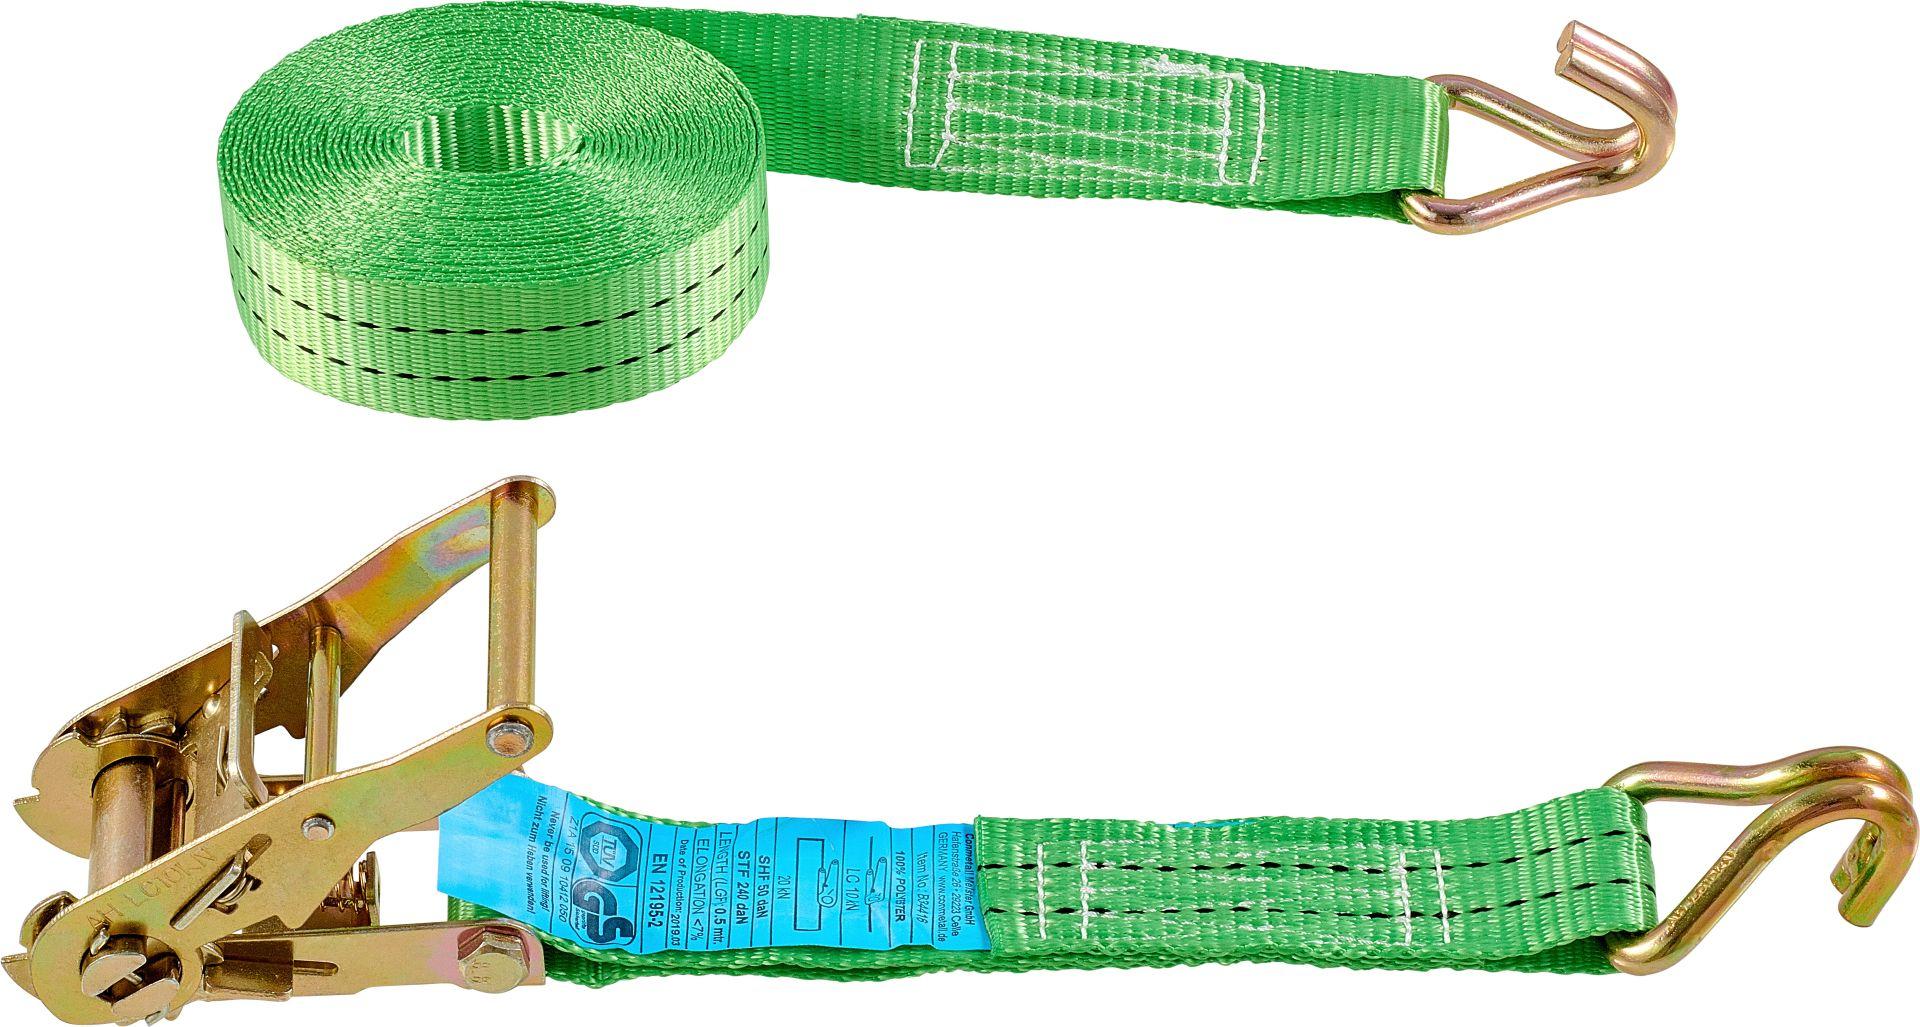 CONNEX Zurrgurt mit Ratsche und Haken, 6 m x 35 mm, bis 2000 kg